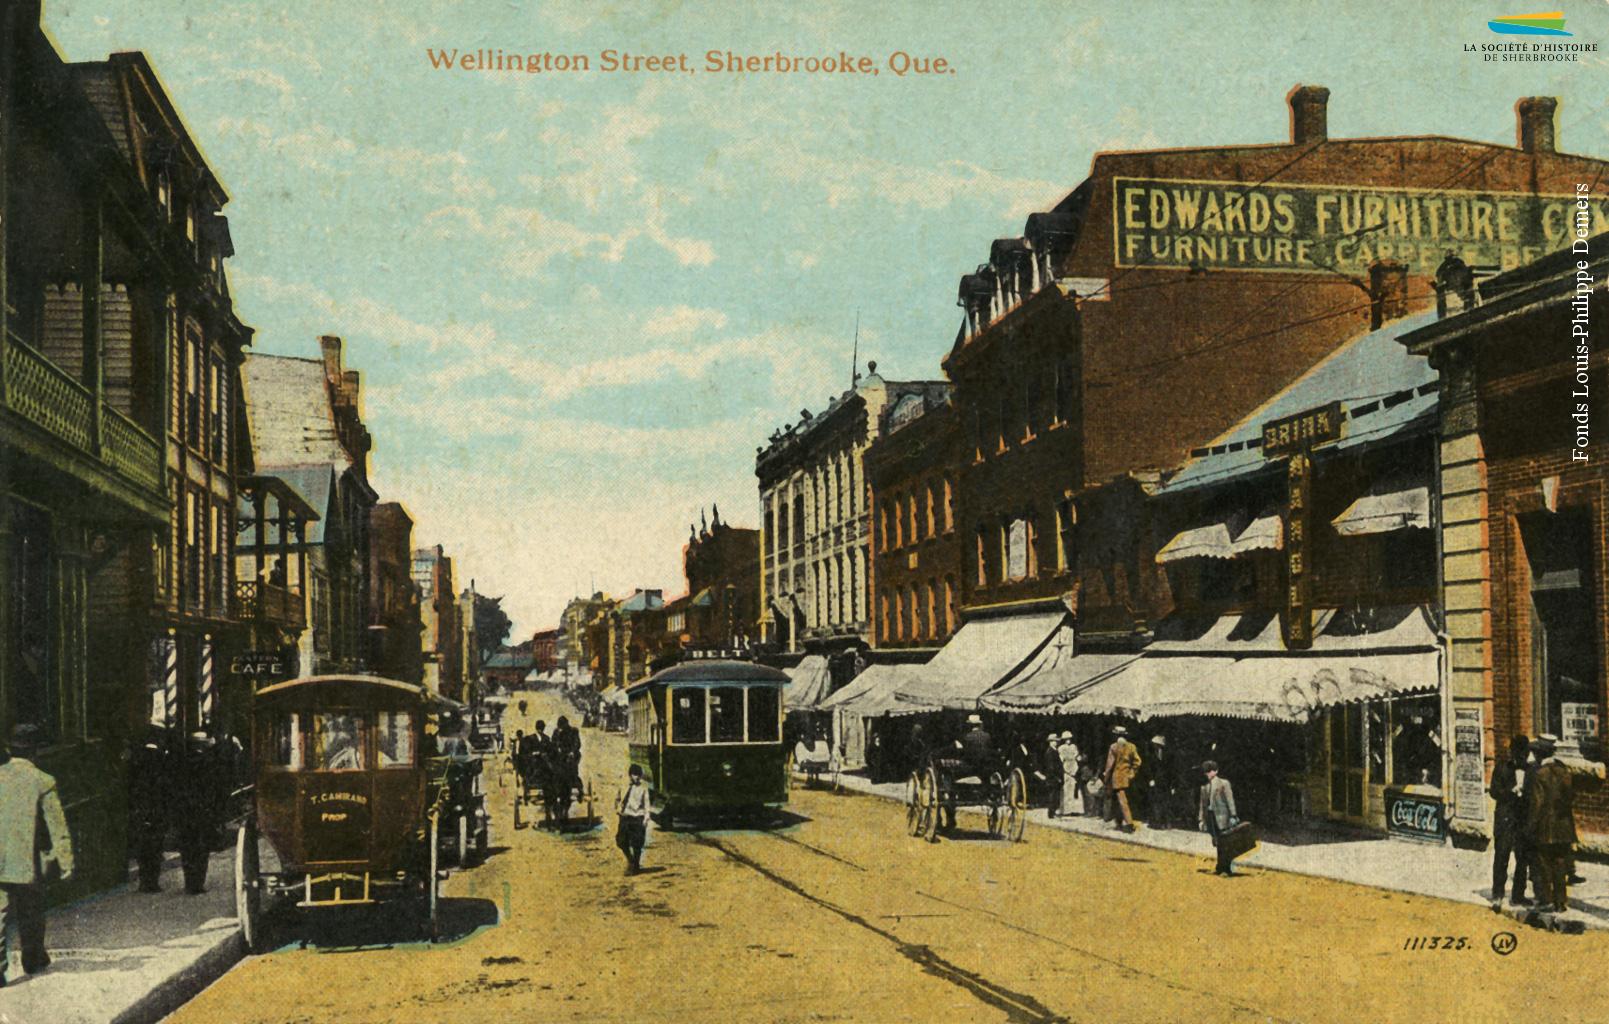 La rue Wellington Nord dans les années 1910. Un tramway, des voitures tirées par des chevaux et des piétons circulent sur la rue, qui est alors la principale artère commerciale de Sherbrooke.